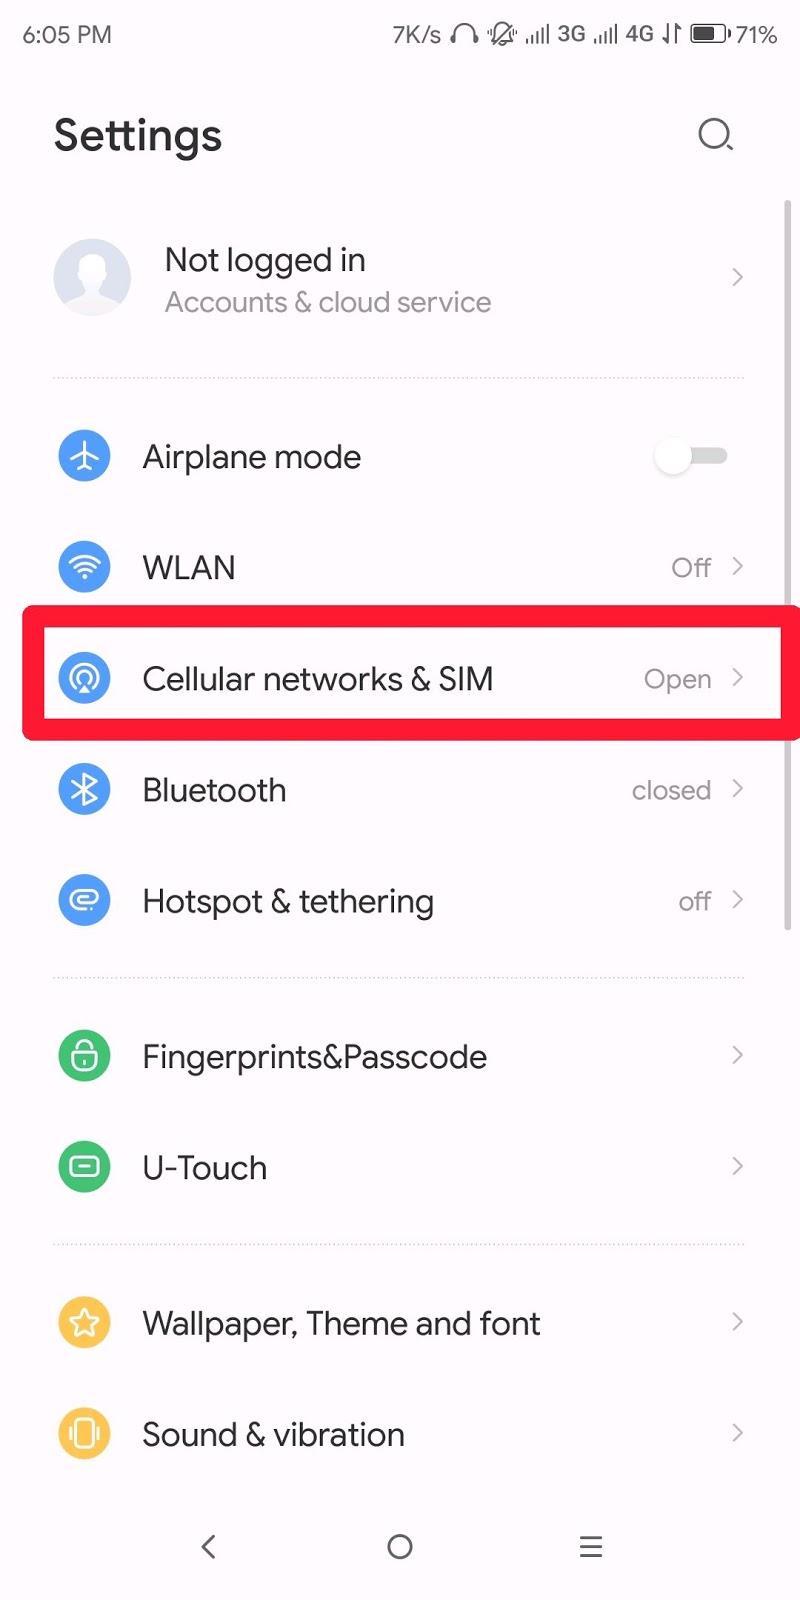 apa itu apn pada android cara membuat apn bahaya apn jenis apn default,supl apn telkomsel cara setting apn 3 apn indosat apn xl